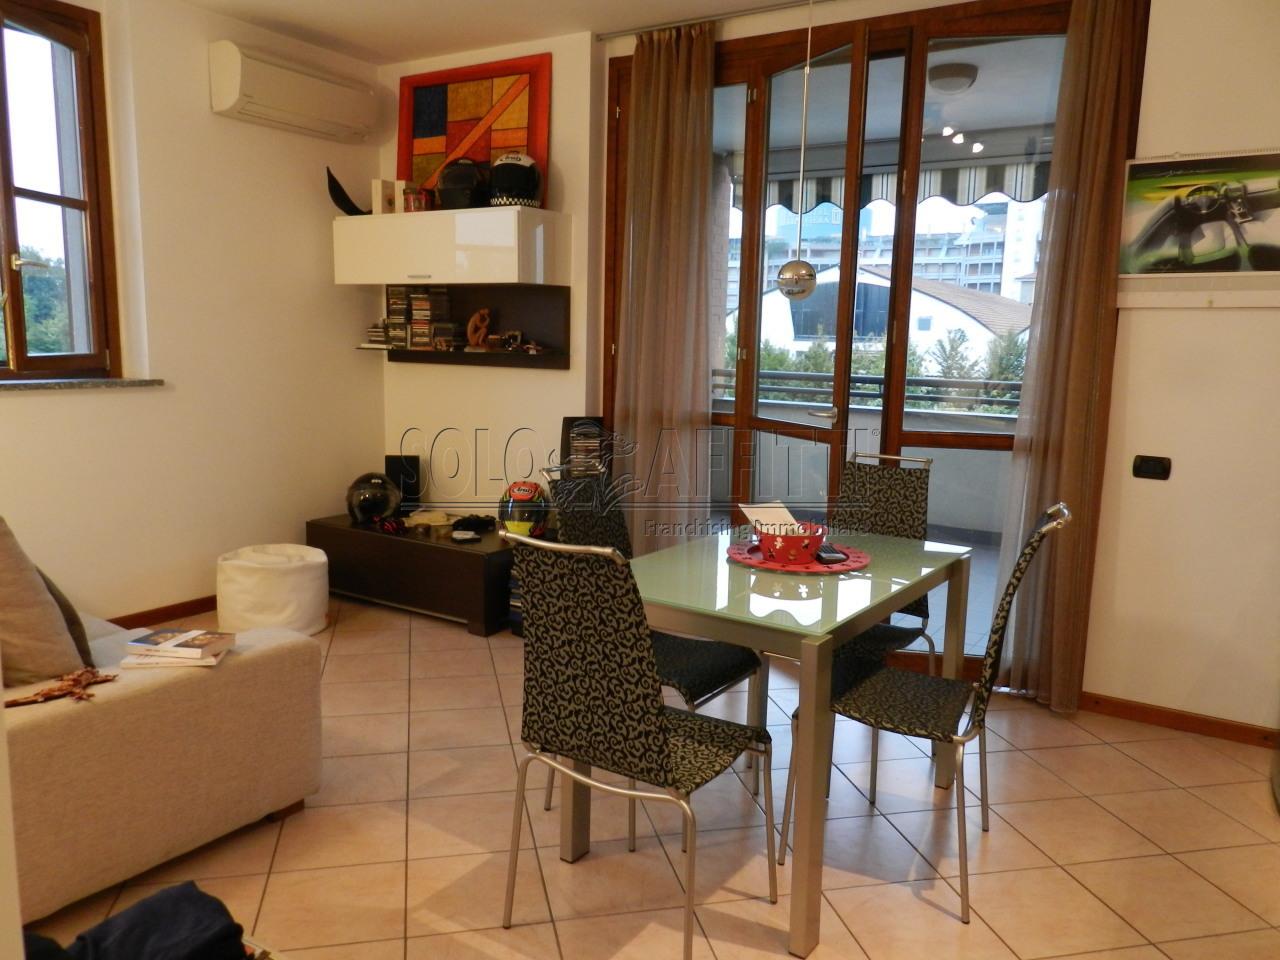 Appartamento Monolocale Arredato 50 mq.